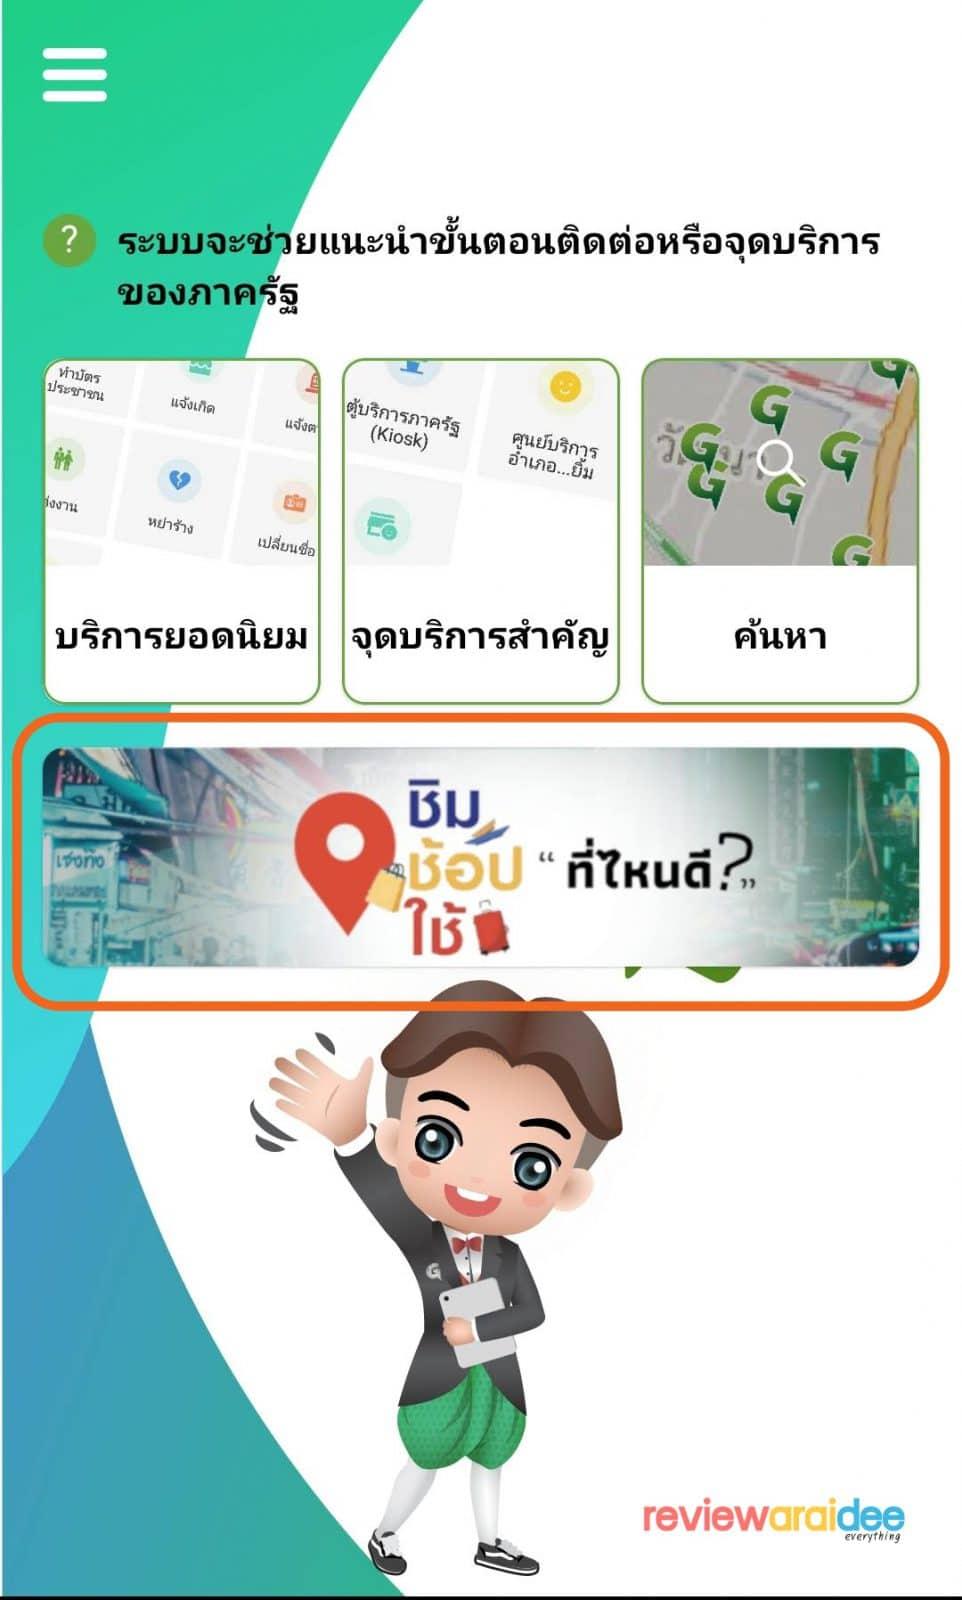 1000 baht g wallet 21